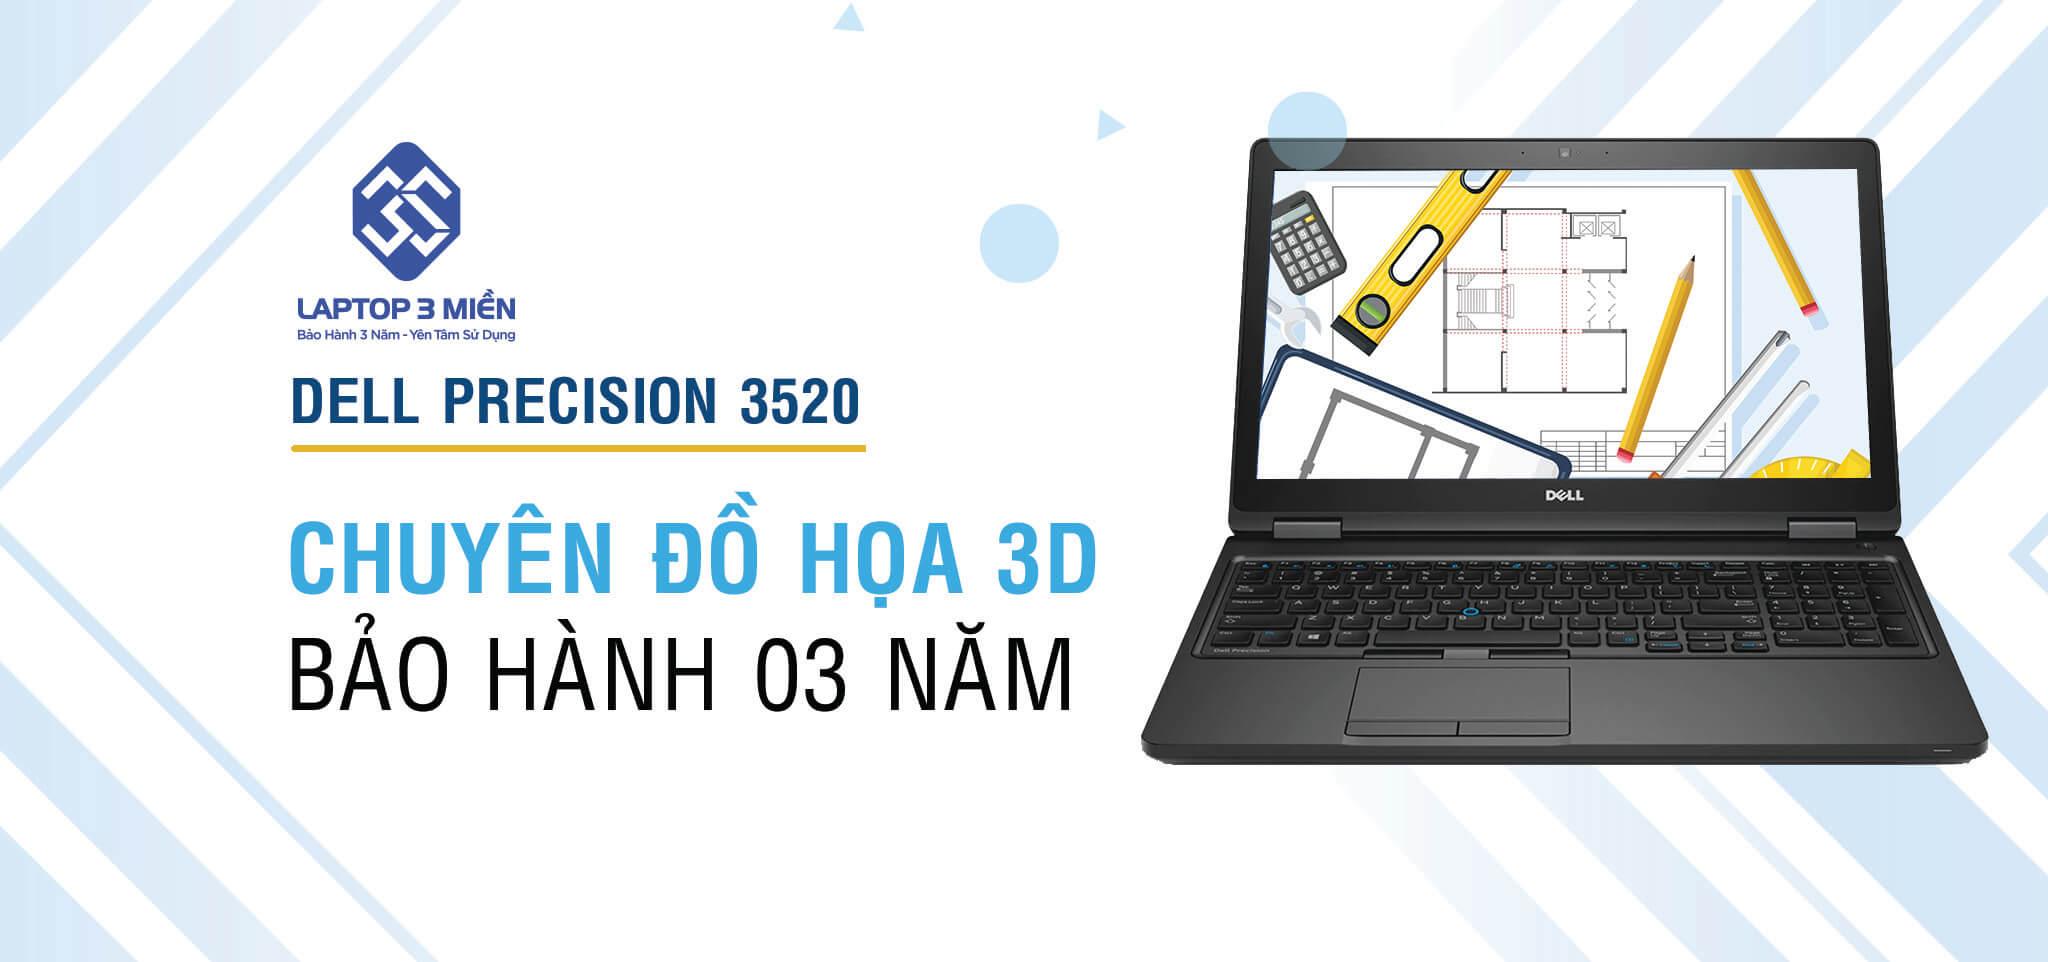 DELL prcision 3520_laptopcu.com